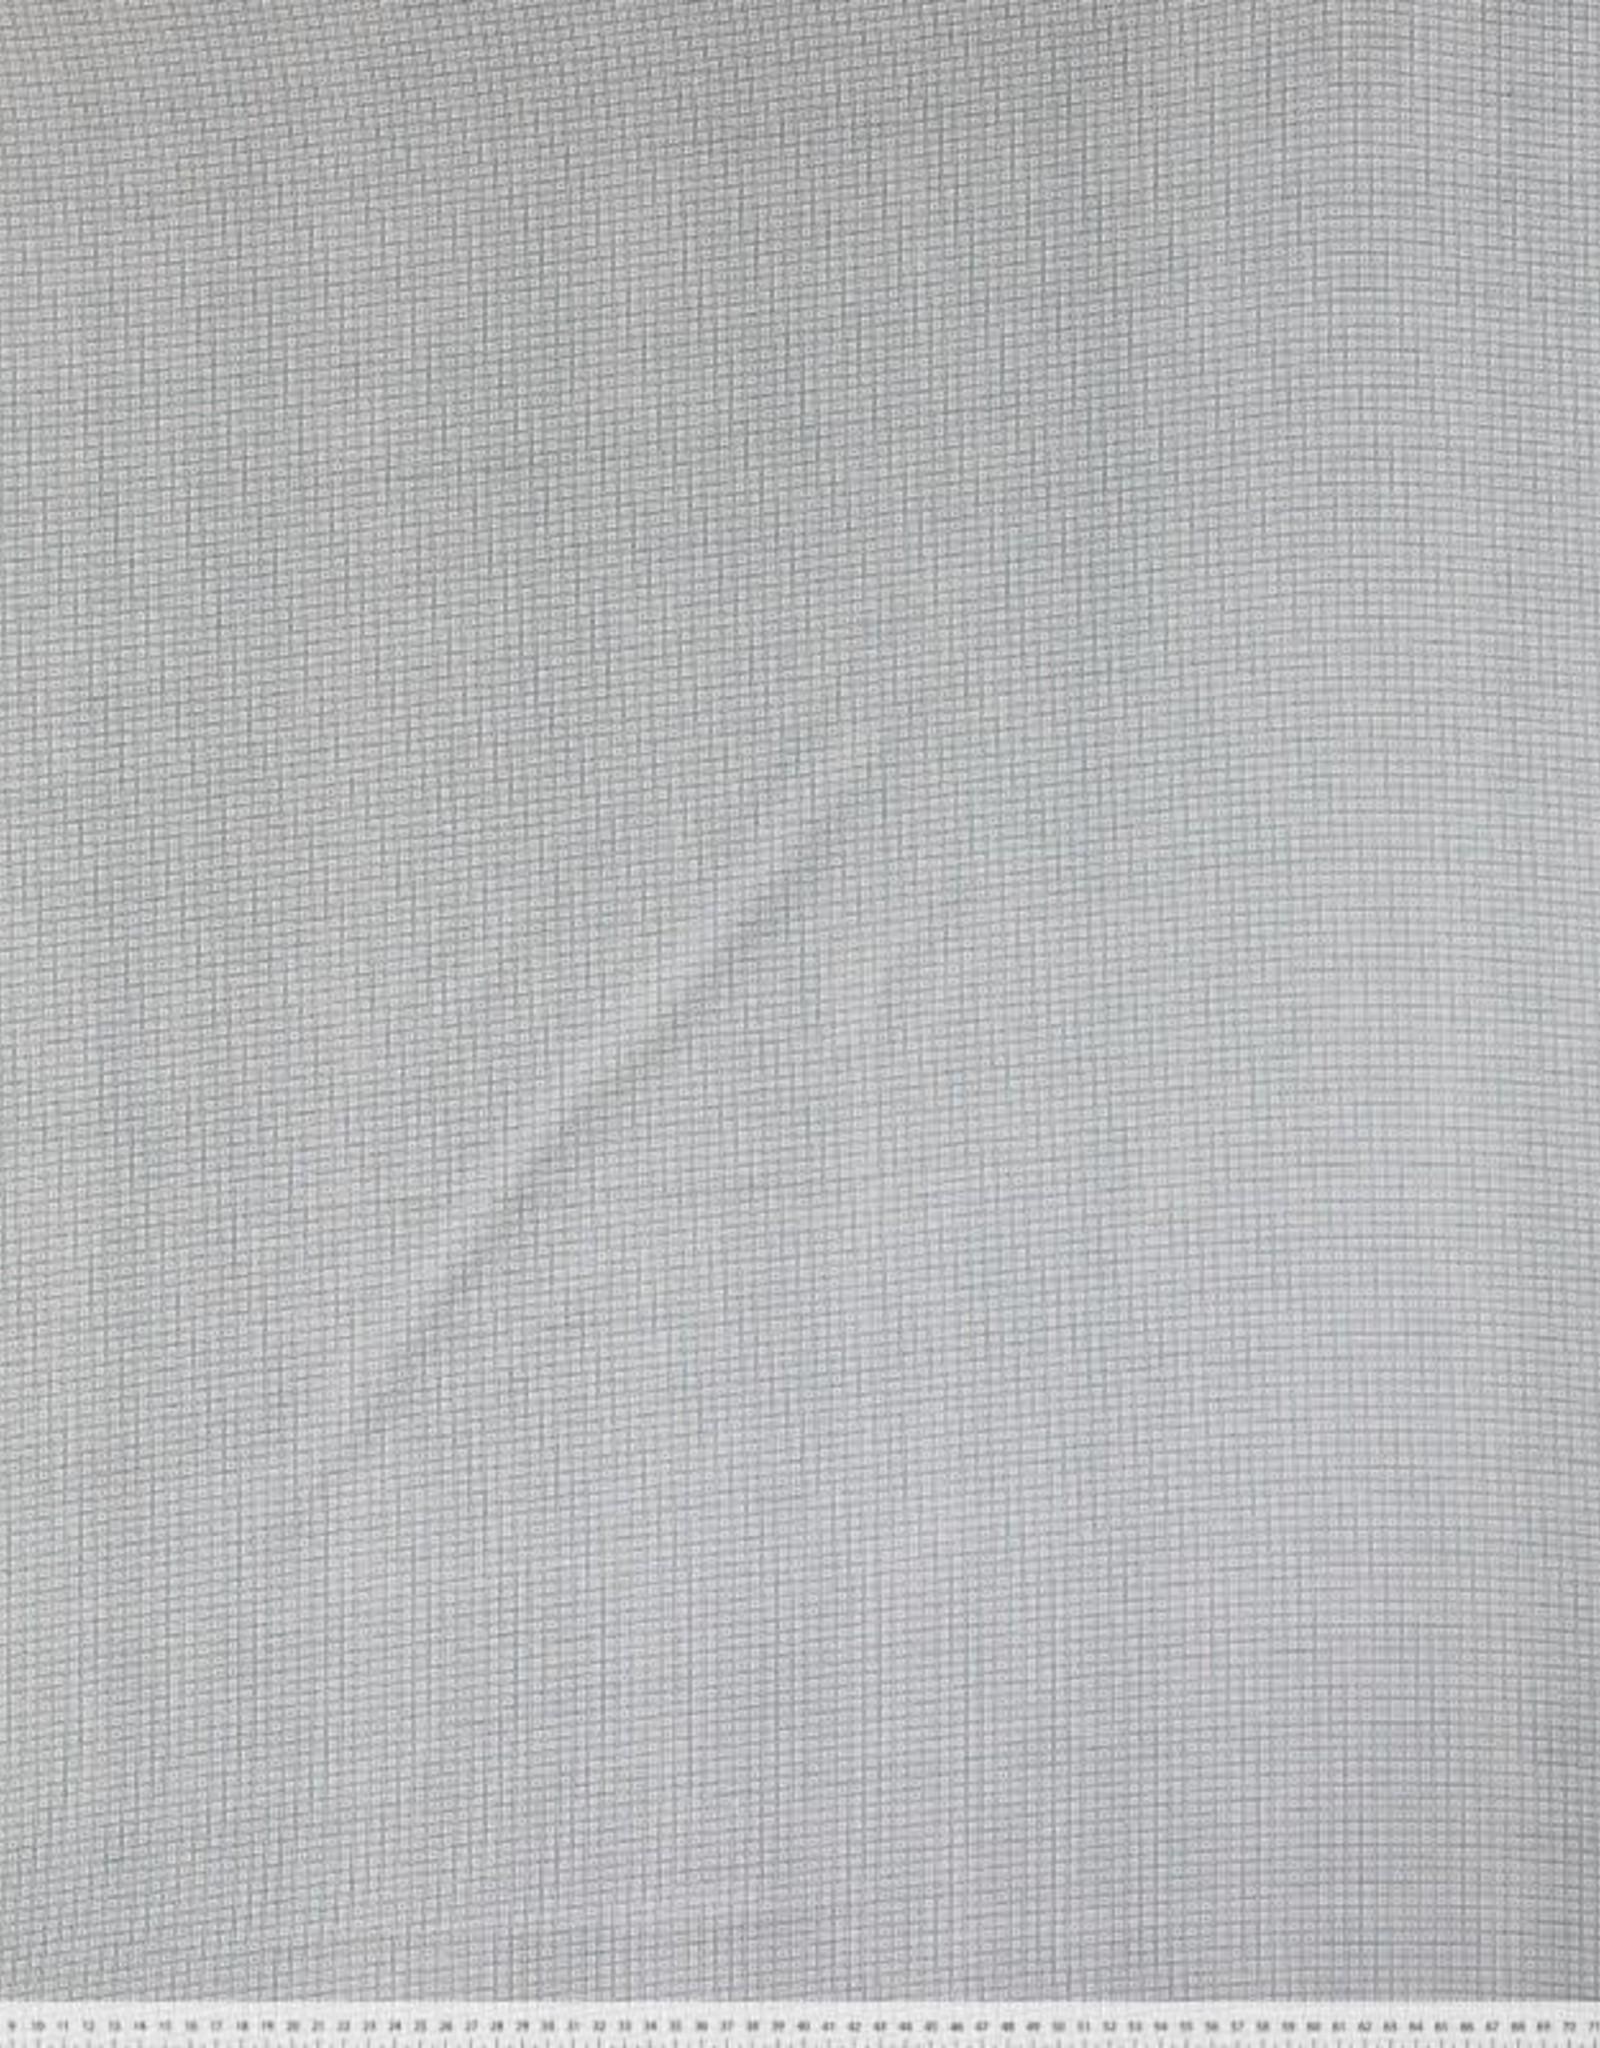 Stik-Stof Squares groen